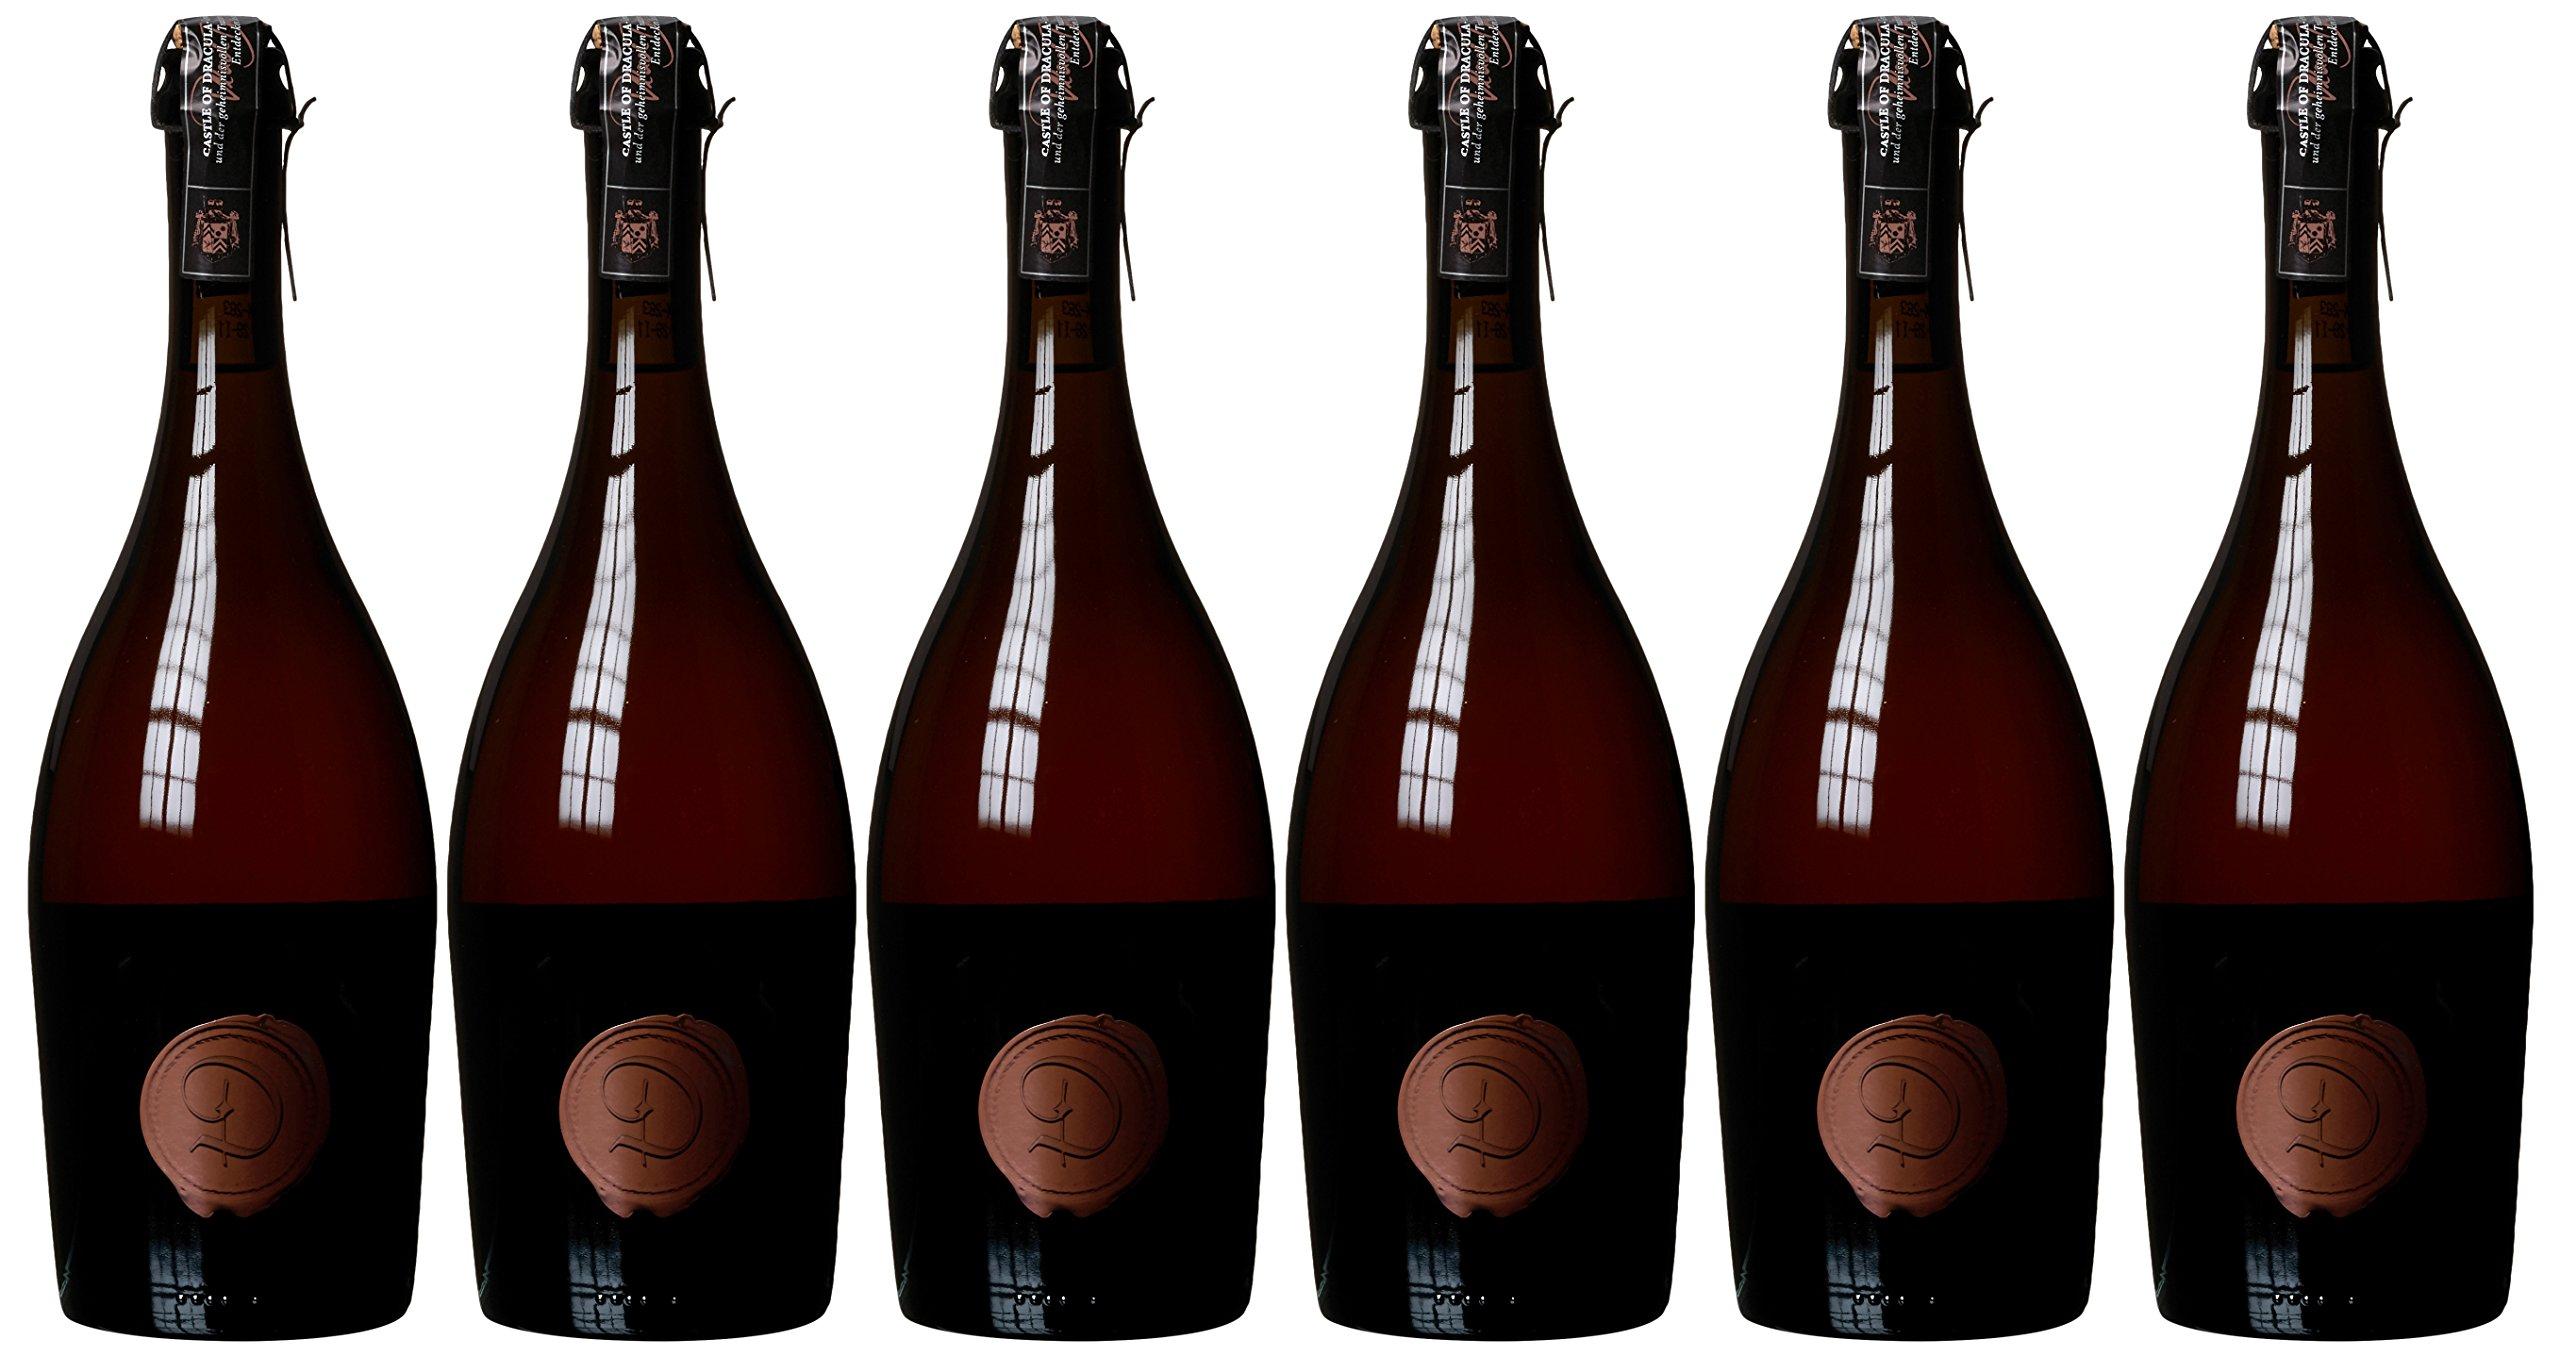 Castle-of-Dracula-Marsecco-Ros-Rosato-Vino-Frizzante-6er-Pack-6-x-750-ml